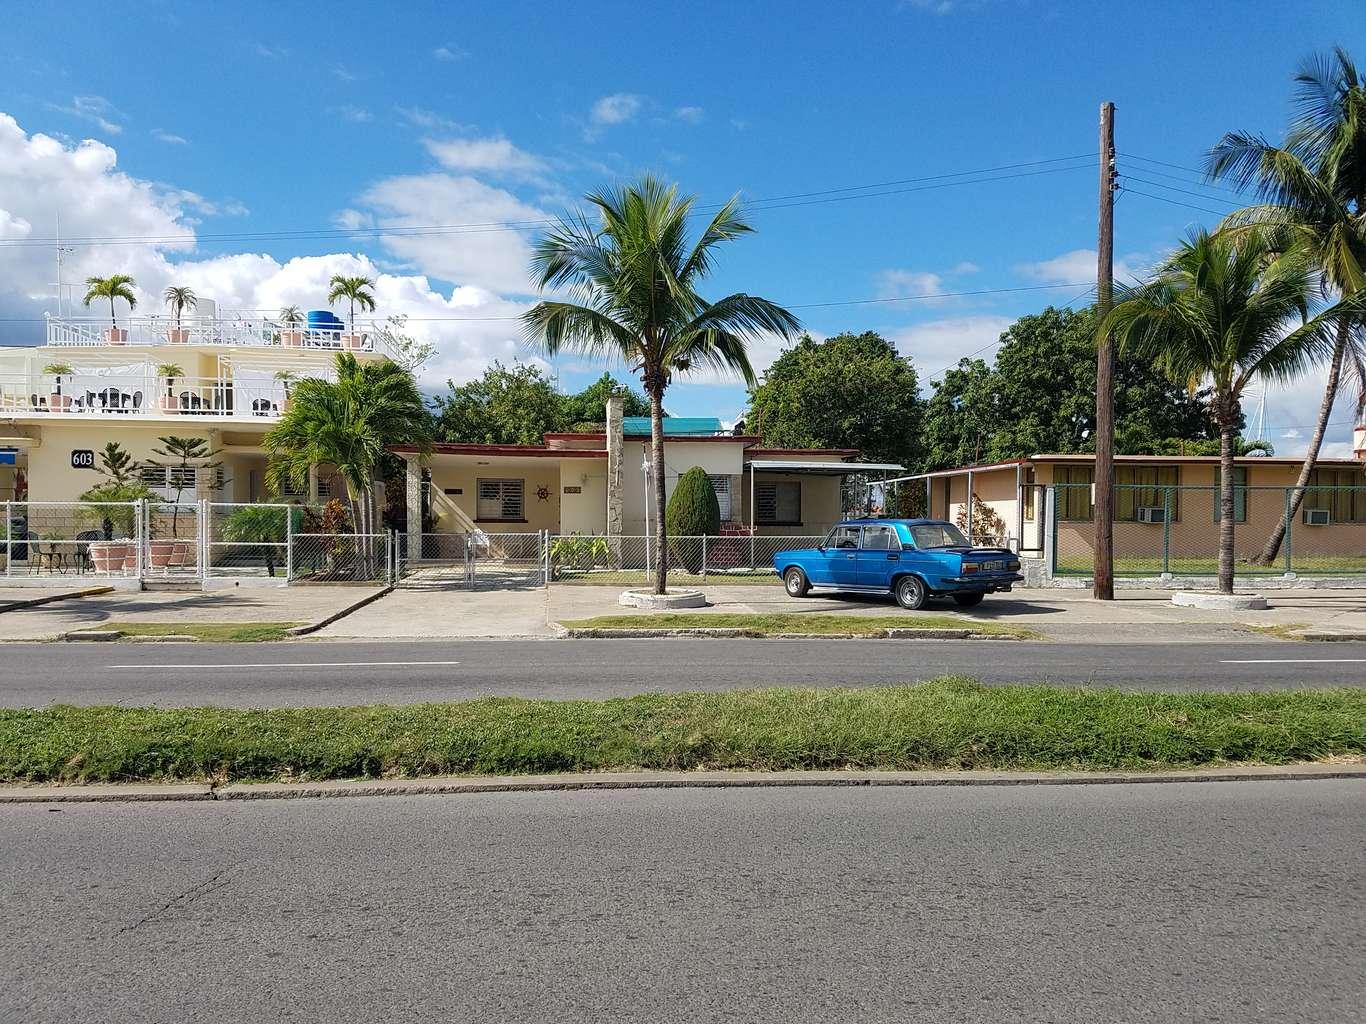 HEC1061: Casa de 5 cuartos, 5 baños y 1 garaje por $ 300.000 en Cienfuegos, Cienfuegos